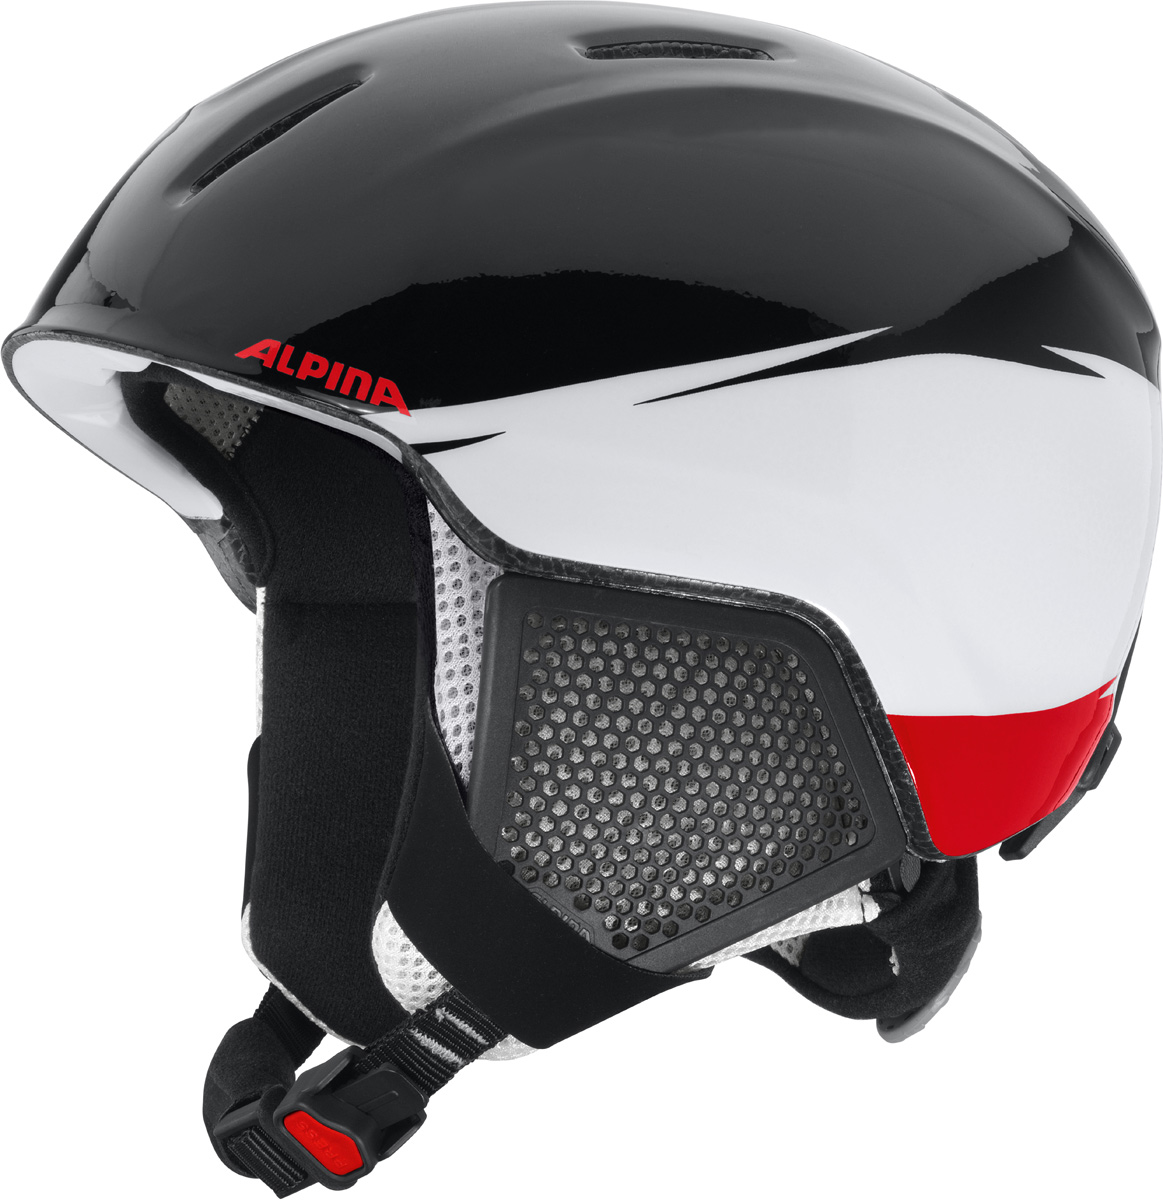 Шлем горнолыжный детский Alpina Carat LX, цвет: черный, белый, красный. A9081_50. Размер 51-55A9081_50Серия детских и подростковых шлемов Carat пополнилась моделью LX. Главным нововведением стало использование перфорации в жестких наушниках, которые по-прежнему обеспечивают высокую степень защиты, но при этом позволяют слышать все вокруг. Вентиляционные отверстия препятствуют перегреву и позволяют поддерживать идеальную температуру внутри шлема. Для этого инженеры Alpina используют эффект Вентури, чтобы сделать циркуляцию воздуха постоянной и максимально эффективной. Внутренник шлема легко вынимается, стирается, сушится и вставляется обратно. Из задней части шлема можно достать шейный утеплитель из мягкого микро-флиса. Этот теплый воротник также защищает шею от ударов на высокой скорости и при сибирских морозах. В удобной конструкции отсутствуют точки давления на шею. Прочная и легкая конструкция In-mold. Тонкая и прочная поликарбонатная оболочка под воздействием высокой температуры и давления буквально сплавляется с гранулами EPS, которые гасят ударную нагрузку. Внутренняя оболочка каждого шлема Alpina состоит из гранул HI-EPS (сильно вспененного полистирола). Микроскопические воздушные карманы эффективно поглощают ударную нагрузку и обеспечивают высокую теплоизоляцию. Эта технология позволяет достичь минимальной толщины оболочки. А так как гранулы HI-EPS не впитывают влагу, их защитный эффект не ослабевает со временем. Удобная и точная система регулировки Run System Ergo Snow позволяет быстро и комфортно подогнать шлем по голове, без создания отдельных точек избыточного давления. Y-образный ремнераспределитель двух ремешков находится под ухом и обеспечивает быструю и точную посадку шлема на голове. Вместо фастекса на ремешке используется красная кнопка с автоматическим запирающим механизмом, которую легко использовать даже в лыжных перчатках. Механизм защищён от произвольного раскрытия при падении.Как выбрать горные лыжи для ребёнка. Статья OZON Гид